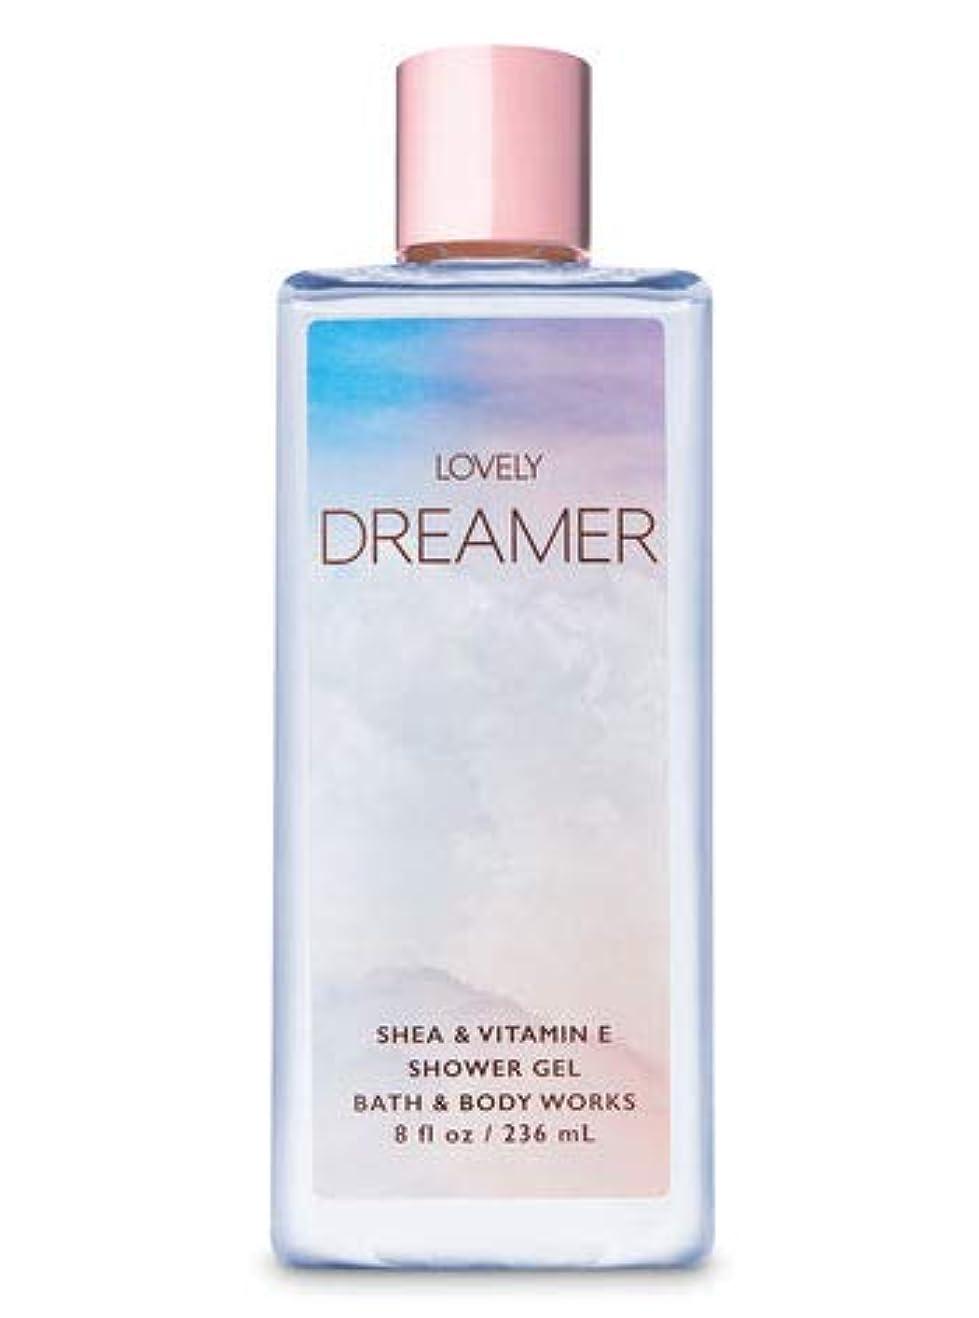 笑繰り返し山積みの【Bath&Body Works/バス&ボディワークス】 シャワージェル ラブリードリーマー Shower Gel Lovely Dreamer 10 fl oz / 295 mL [並行輸入品]